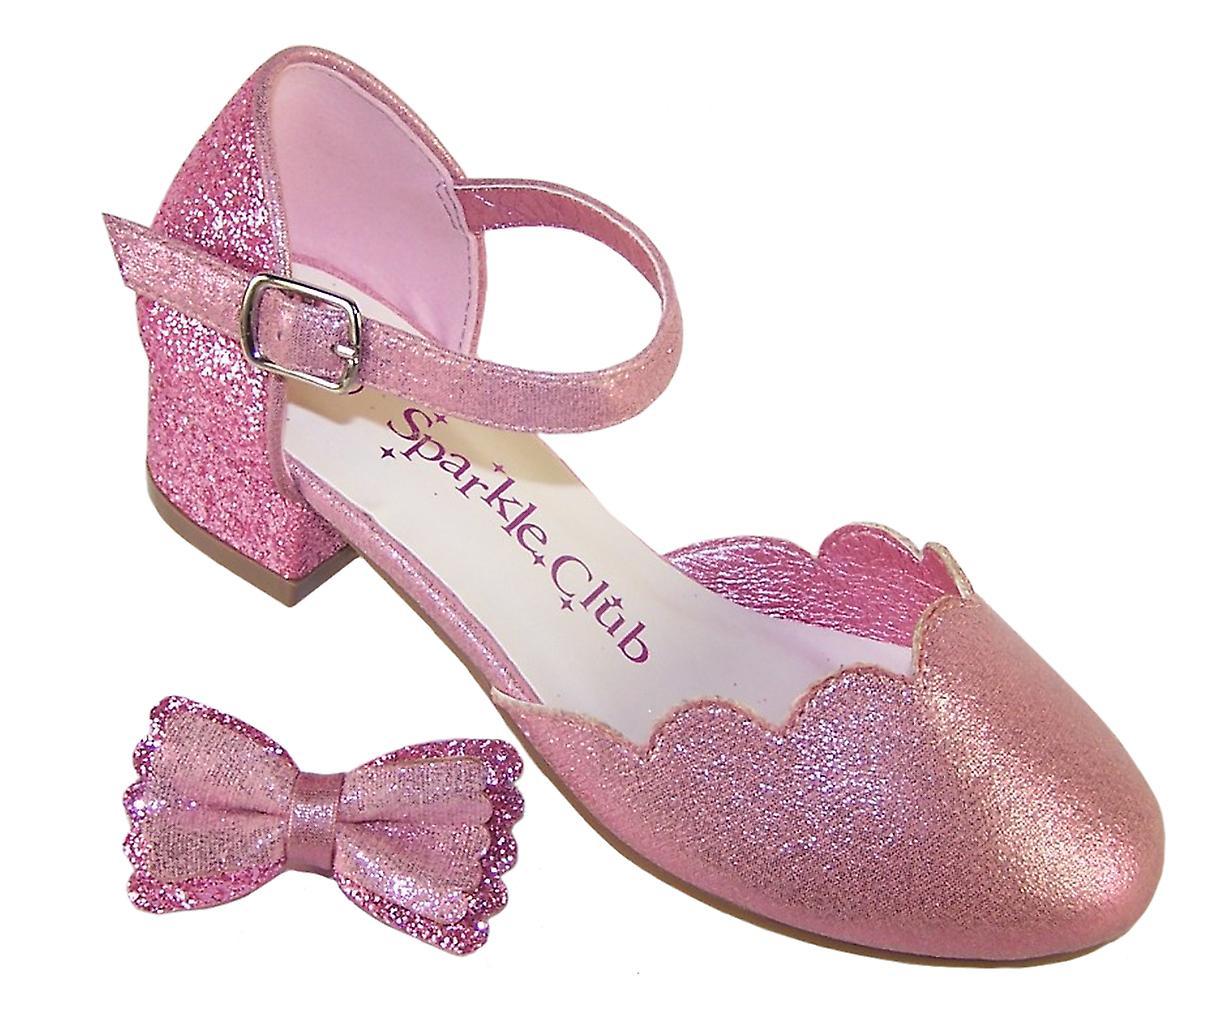 Dziewczyny Różowe Błyszczące Brokatowe Buty Imprezowe Na Obcasie